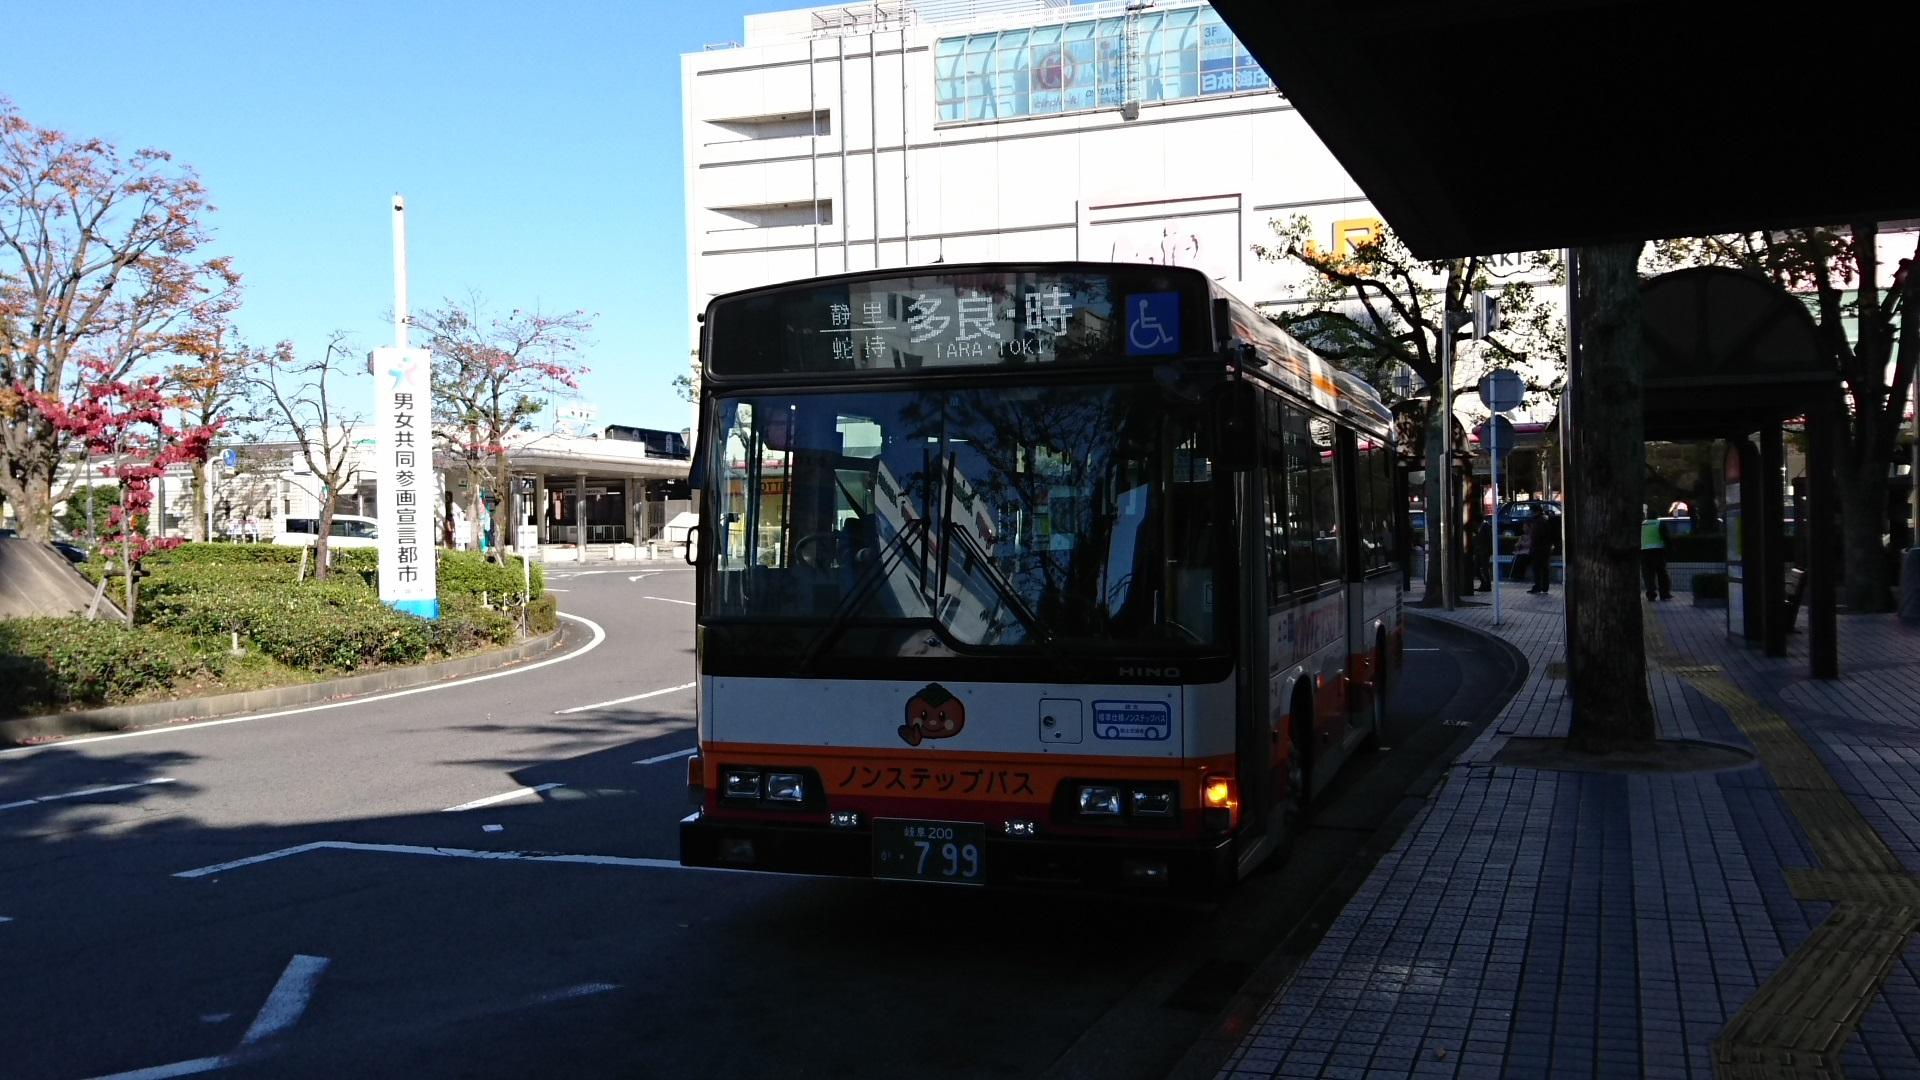 2016.11.16 大垣多良線 (2) 大垣駅前 1920-1080